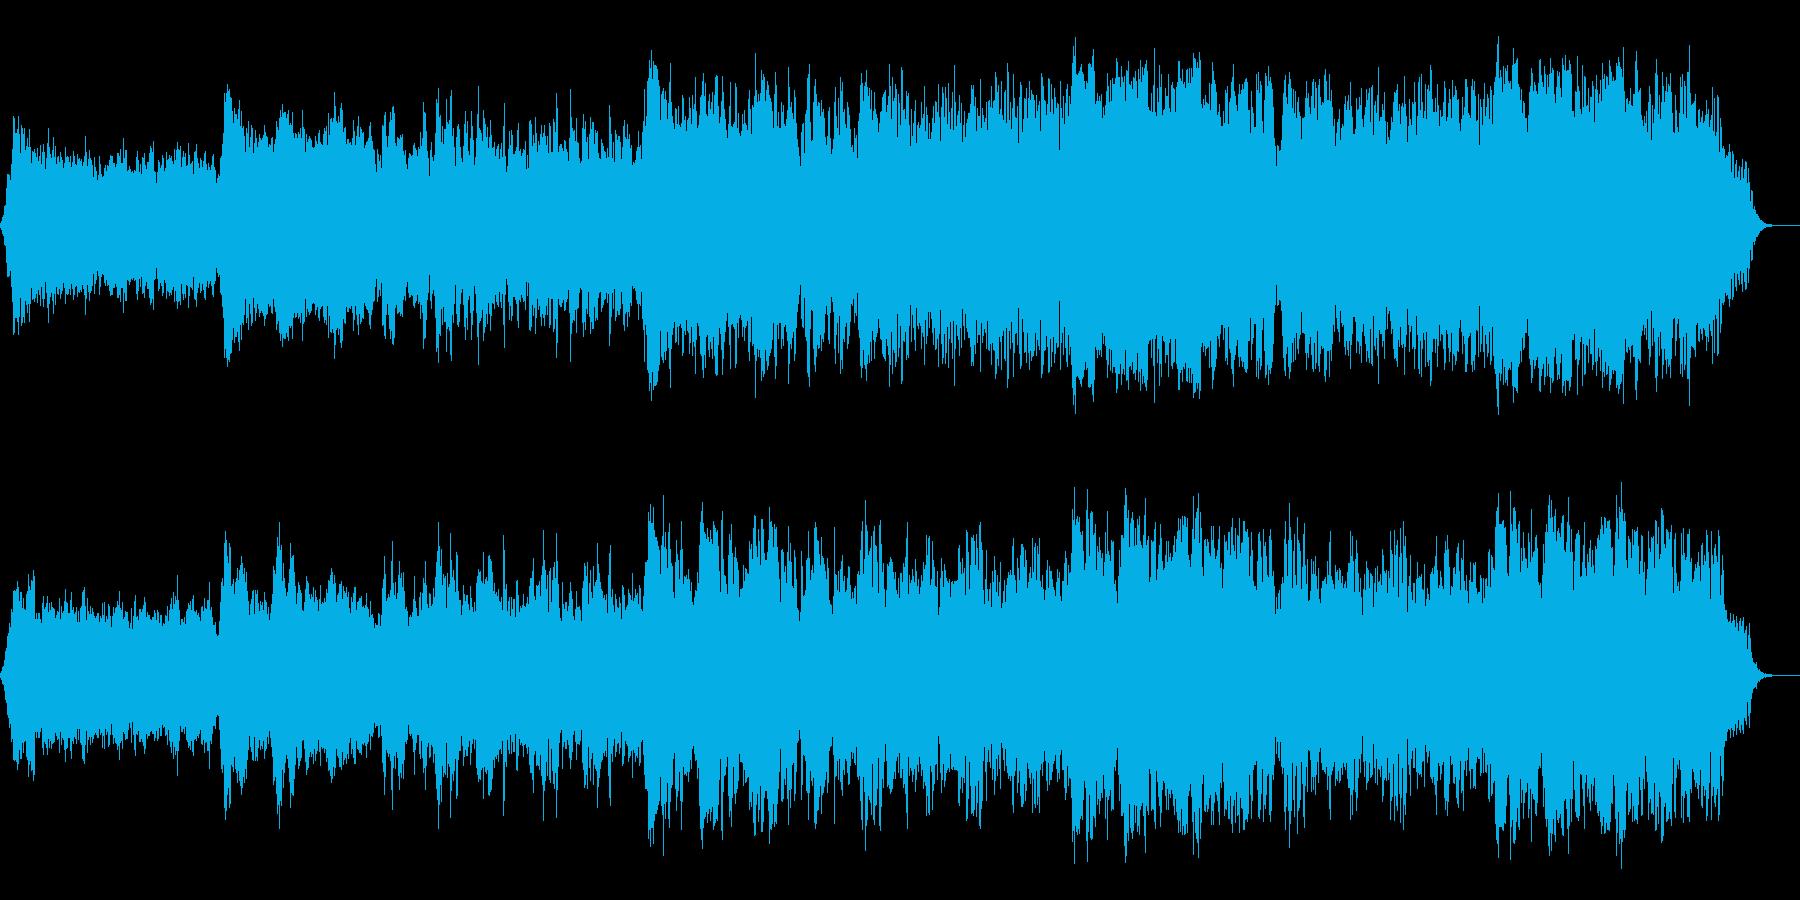 幻想的で落ち着いたアンビエントの再生済みの波形